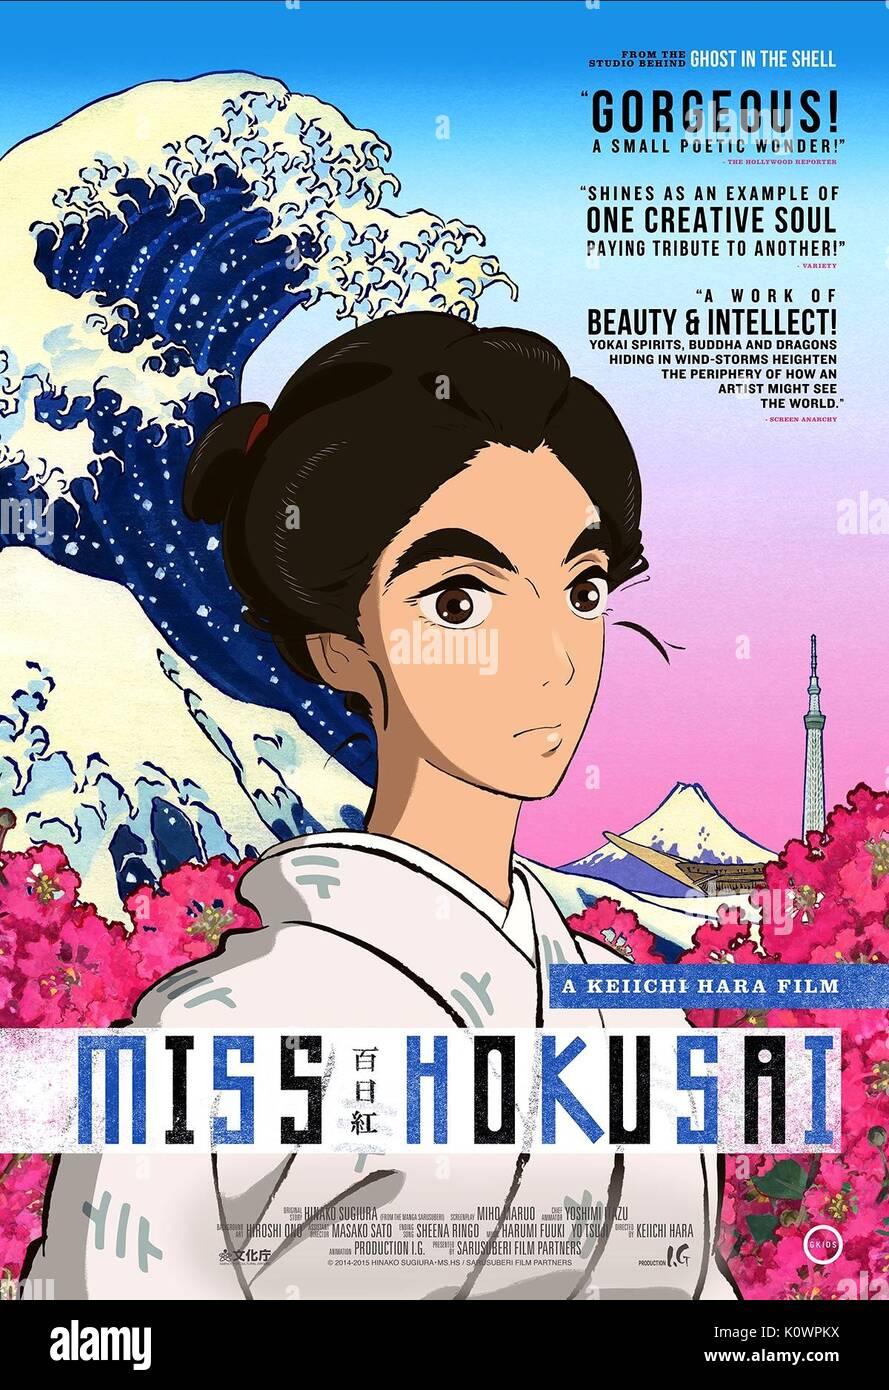 MOVIE POSTER MISS HOKUSAI; SARUSUBERI: MISS HOKUSAI (2015) - Stock Image